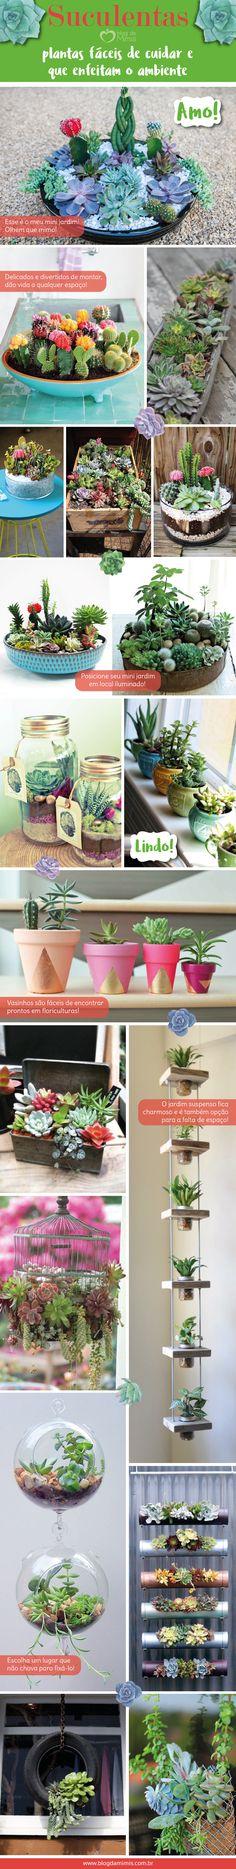 Suculentas: plantas